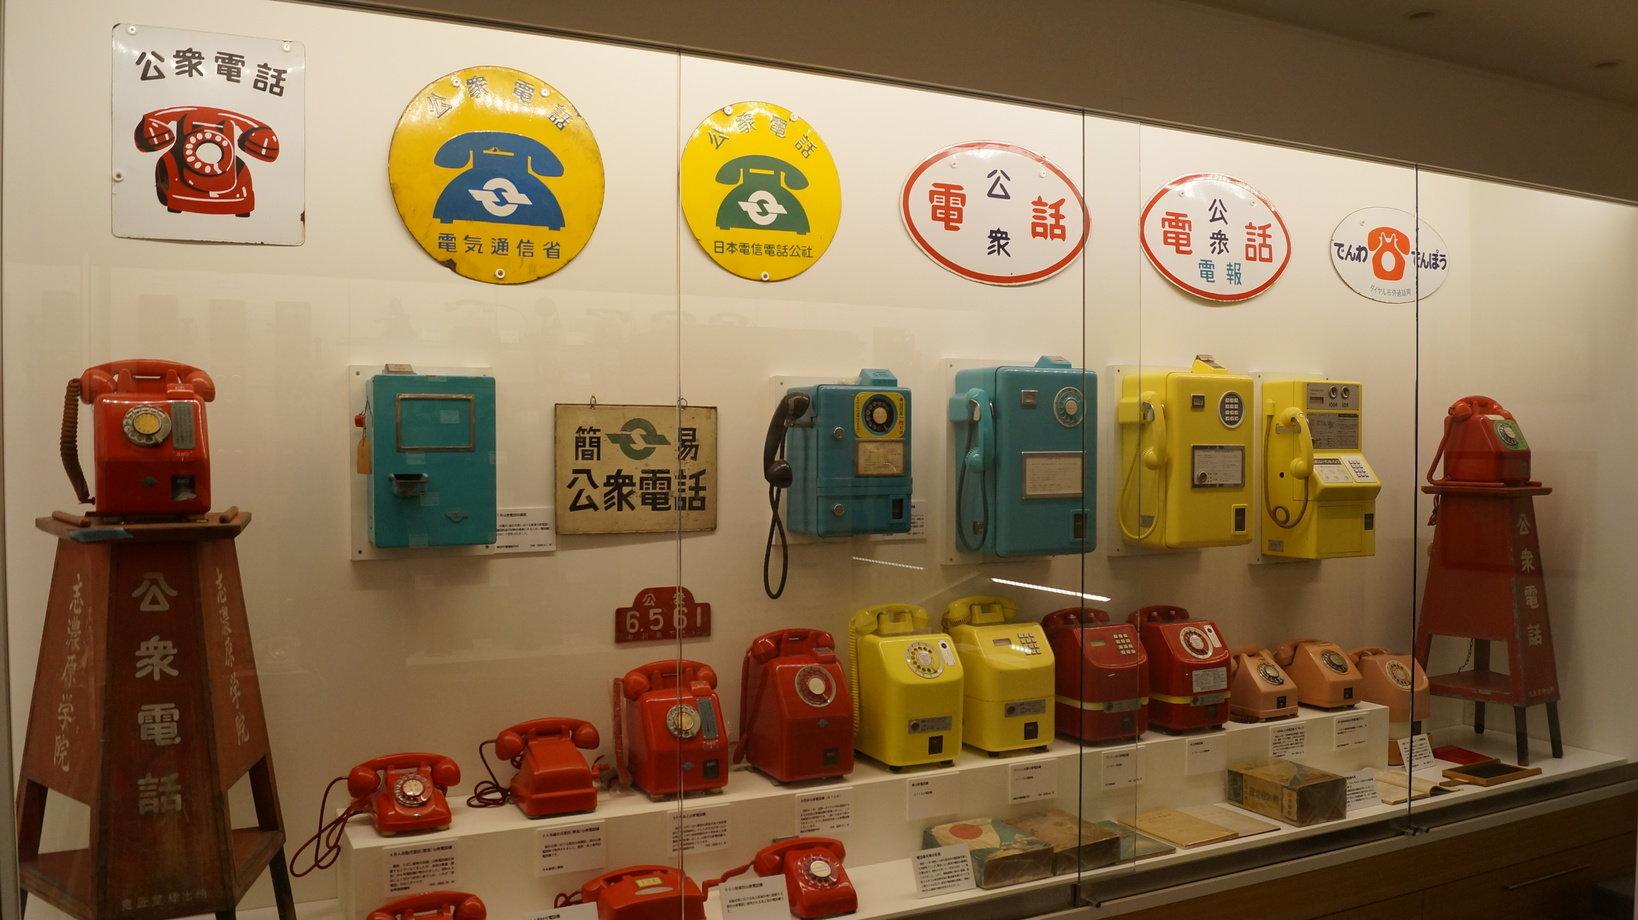 色とりどりの公衆電話も展示しています。懐かしいですね。